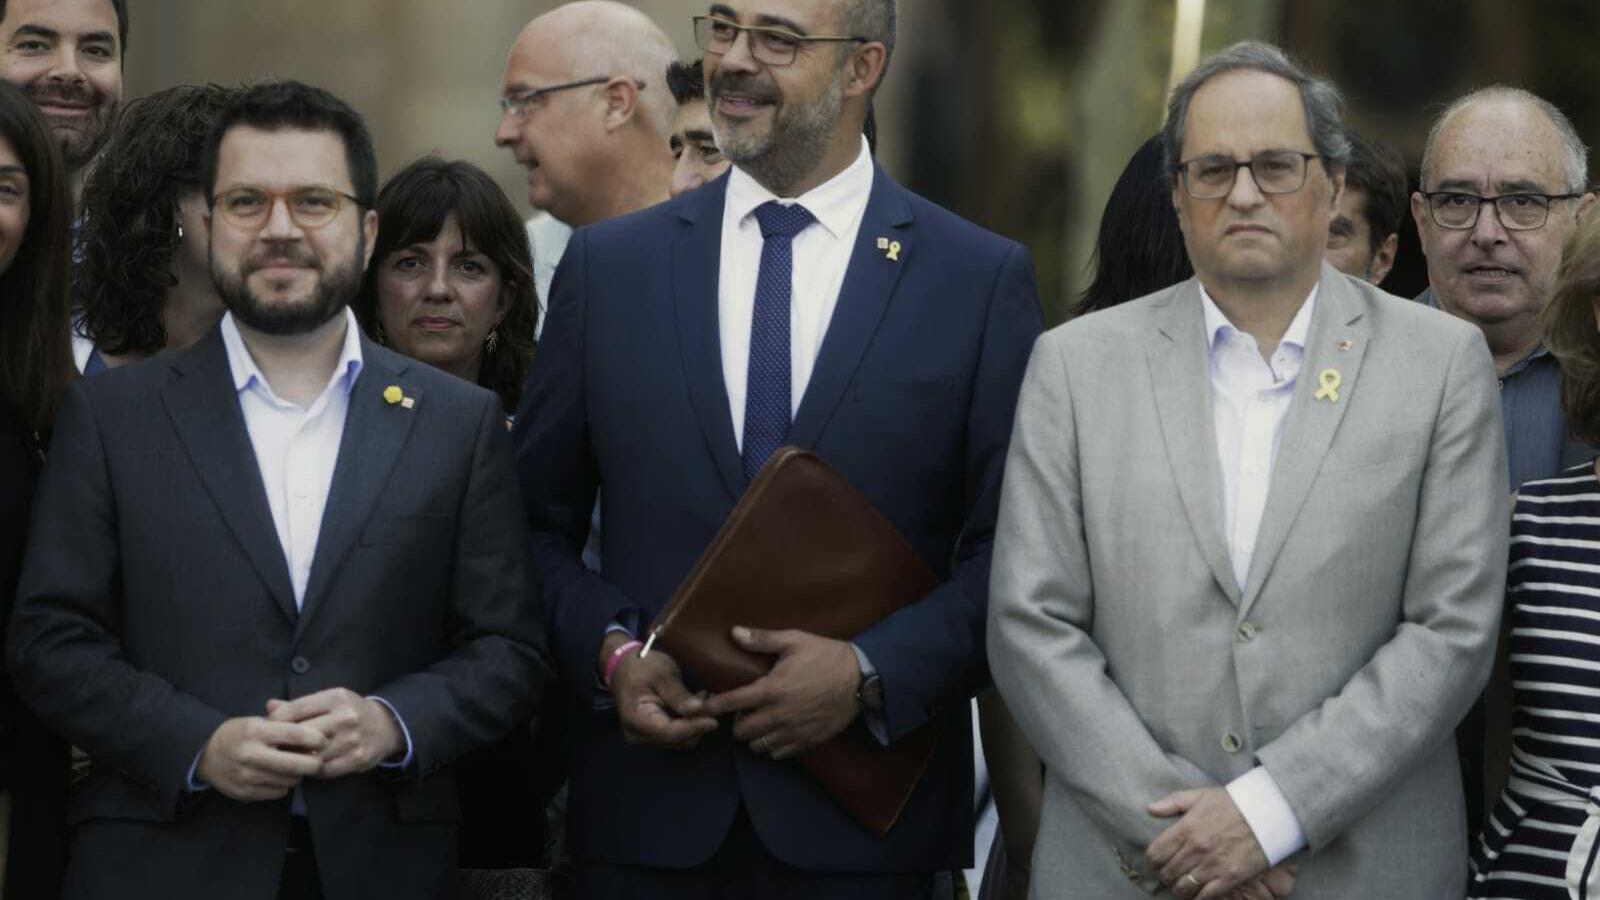 El conseller d'Interior, Miquel Buch, acompanyat del president Torra i el vicepresident Aragonès